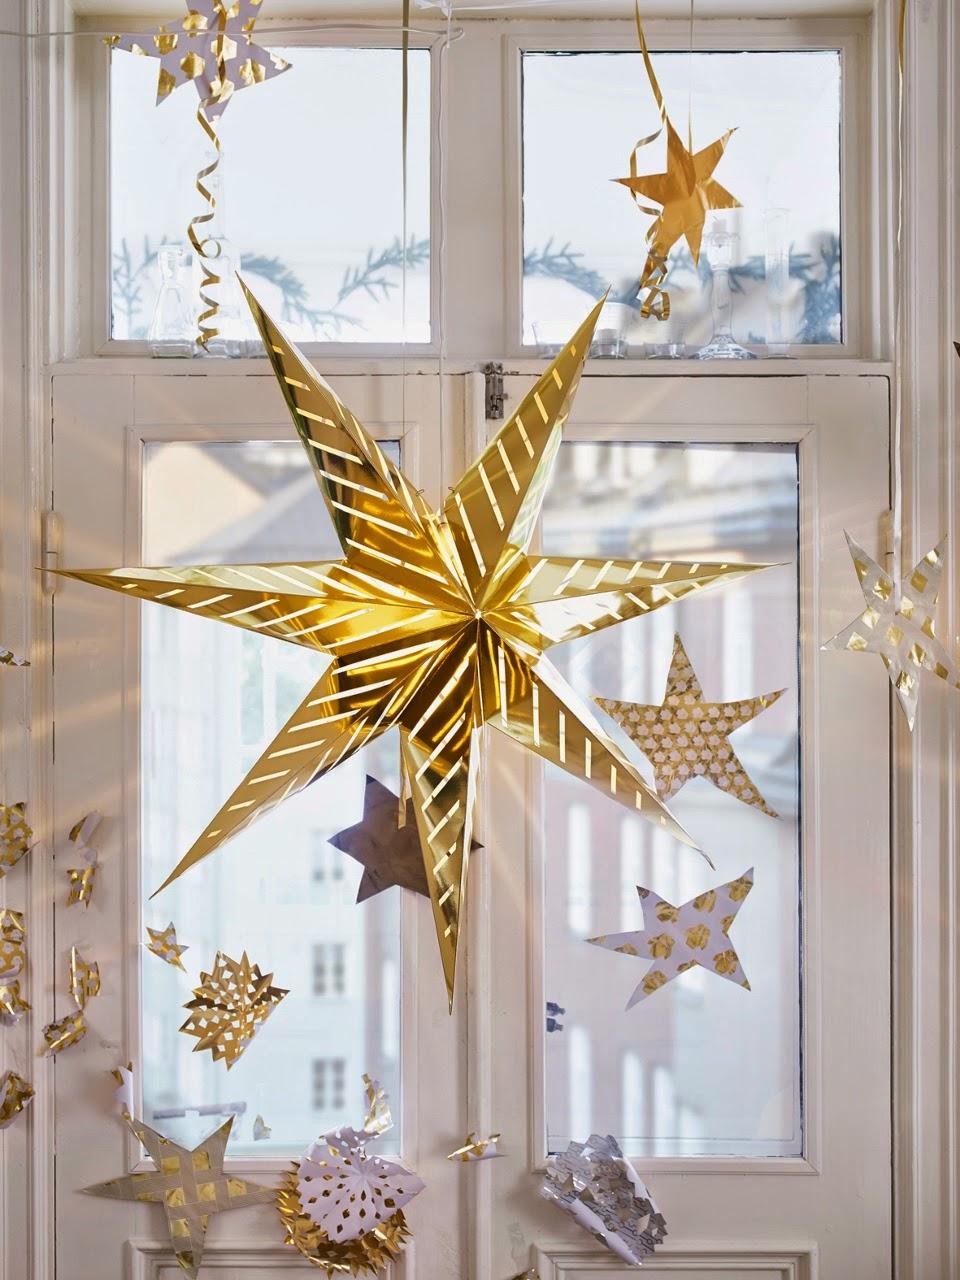 Navidad ikea 2014 decorar en blanco y dorado for Decoracion de navidad 2014